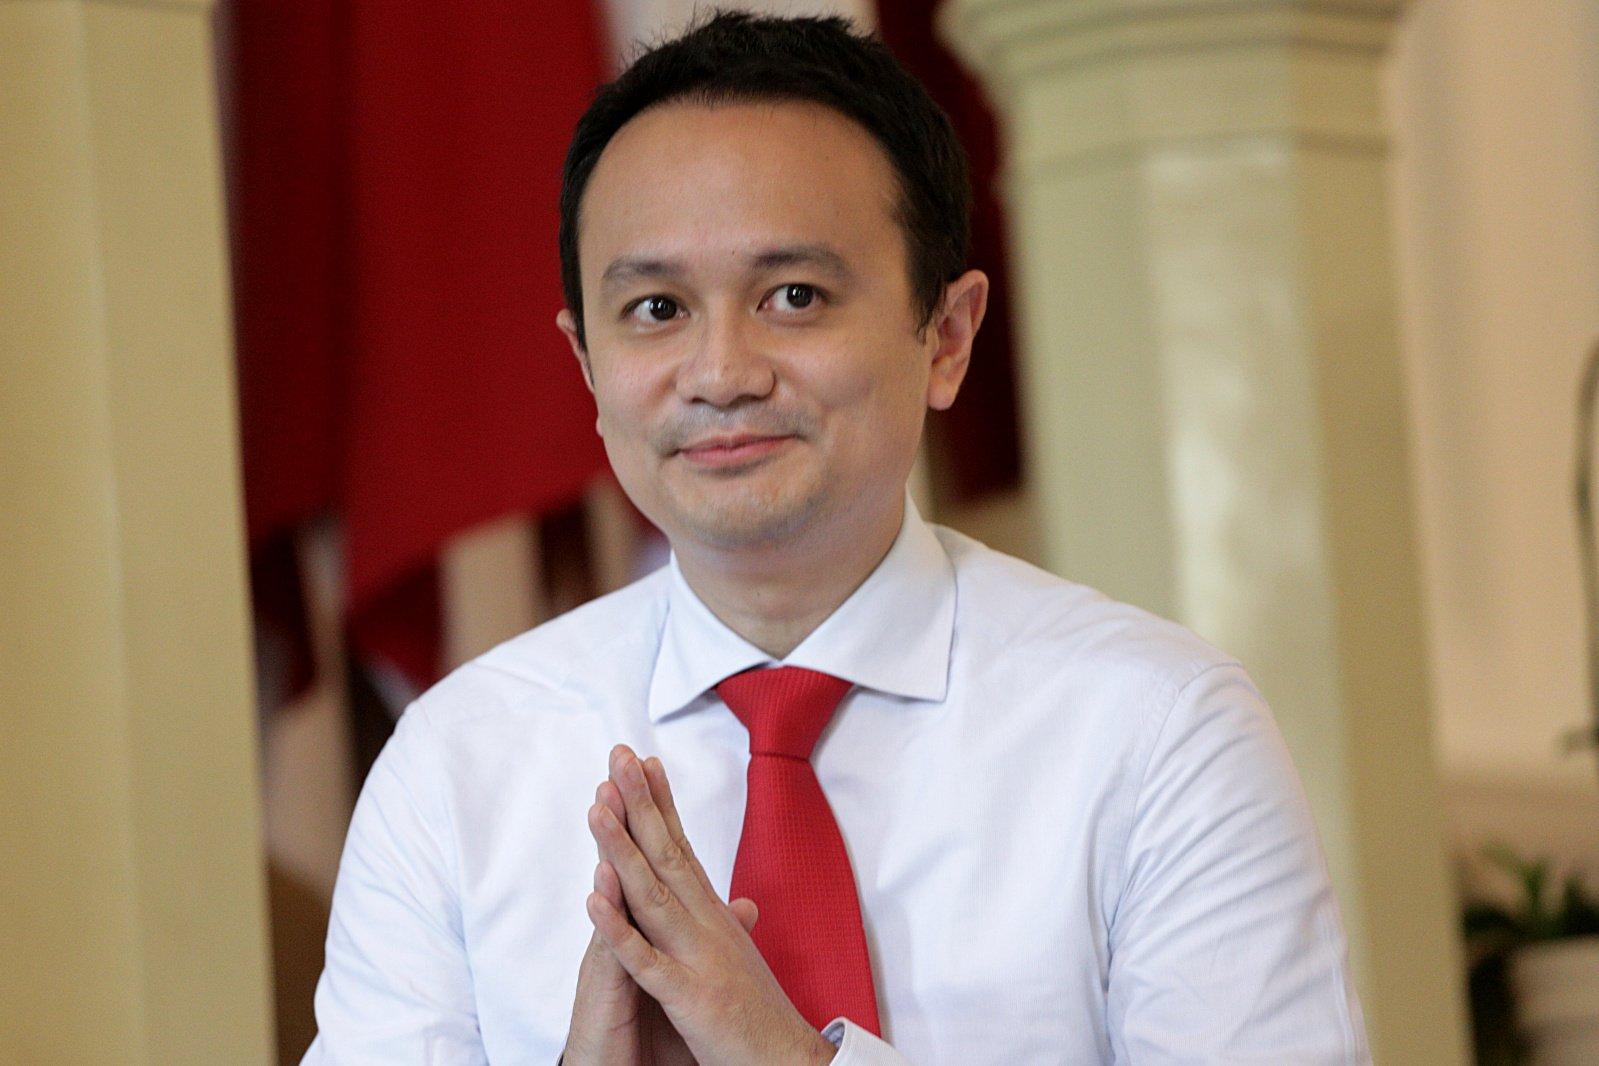 Wakil Menteri Perdagangan, Jerry Sambuaga (Golkar) di Istana Merdeka, Jakarta Pusat (25/10/2019). Jerry yang merupakan tokoh muda Golkar, akan mendampingi Menteri Perdagangan Agus Suparmanto dari Partai Kebangkitan Bangsa (PKB).